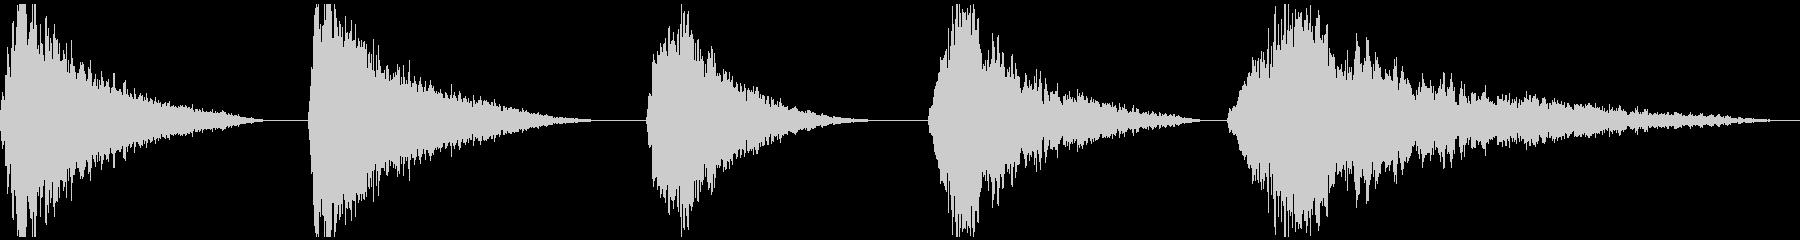 レゾスムース、5バージョン、コード...の未再生の波形